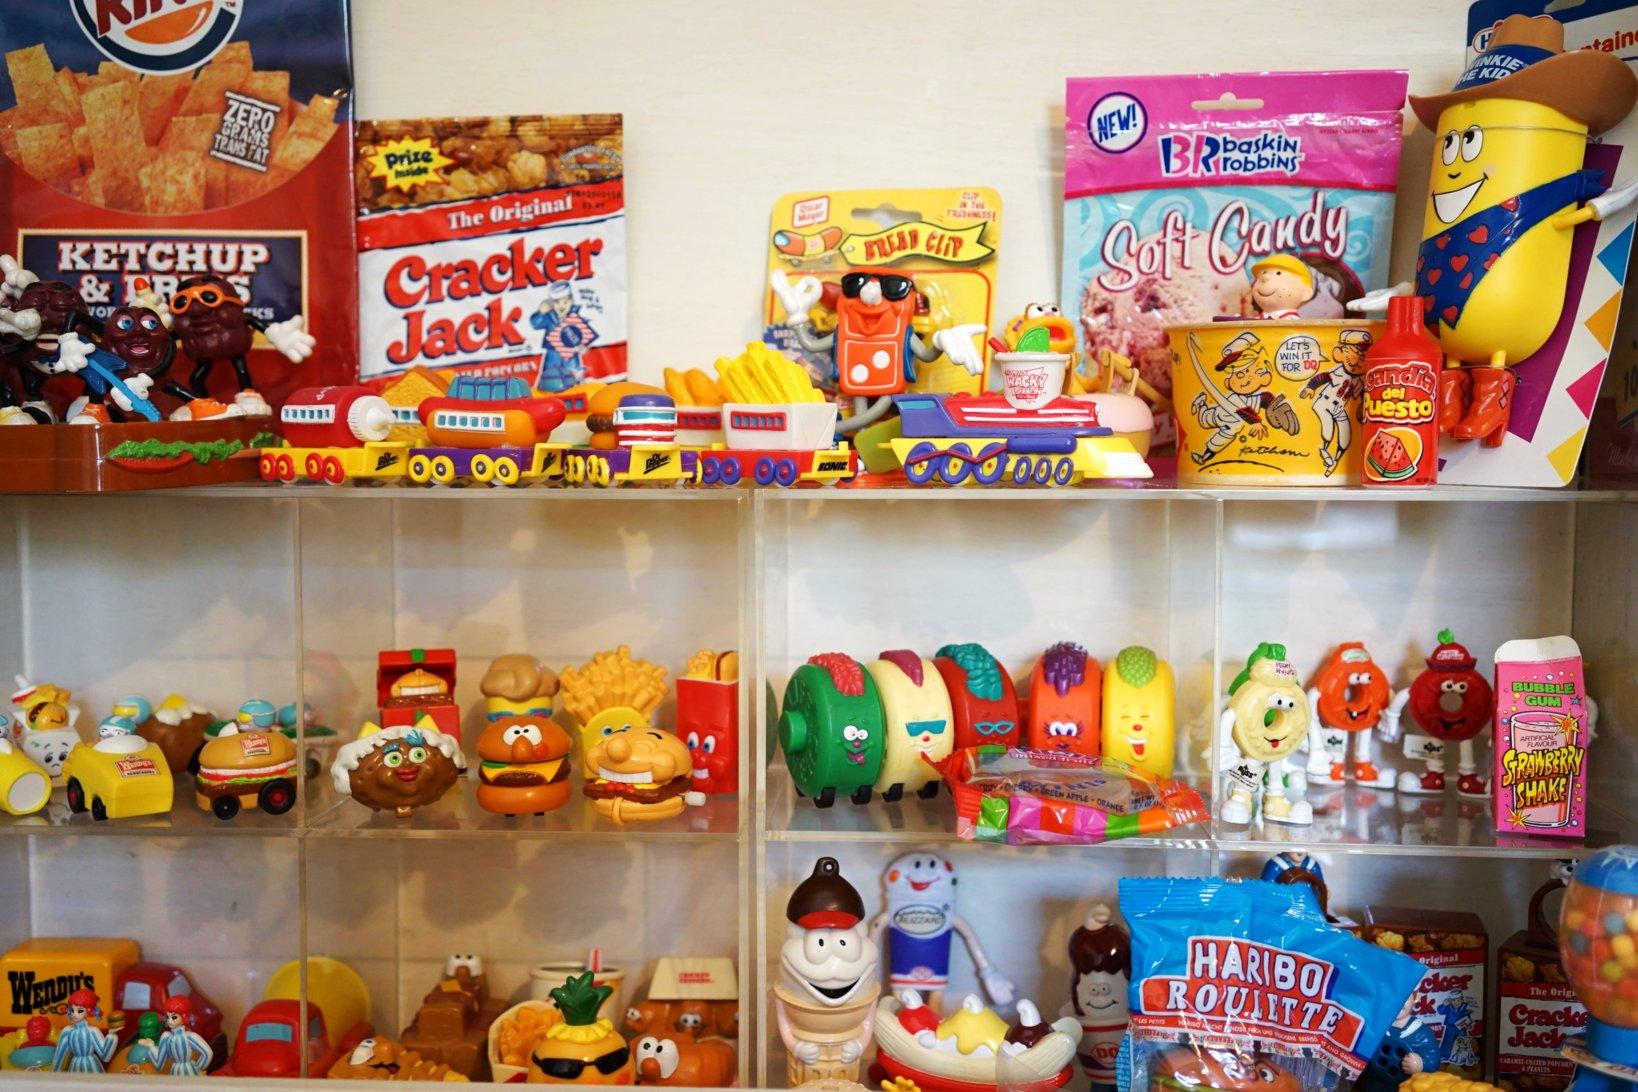 マックけんいちさんのリビングにあるコレクションケース。バーガーチェンのウェンディースやキャンディのブランド・ライフセーバーなどのミールトイが並ぶ。